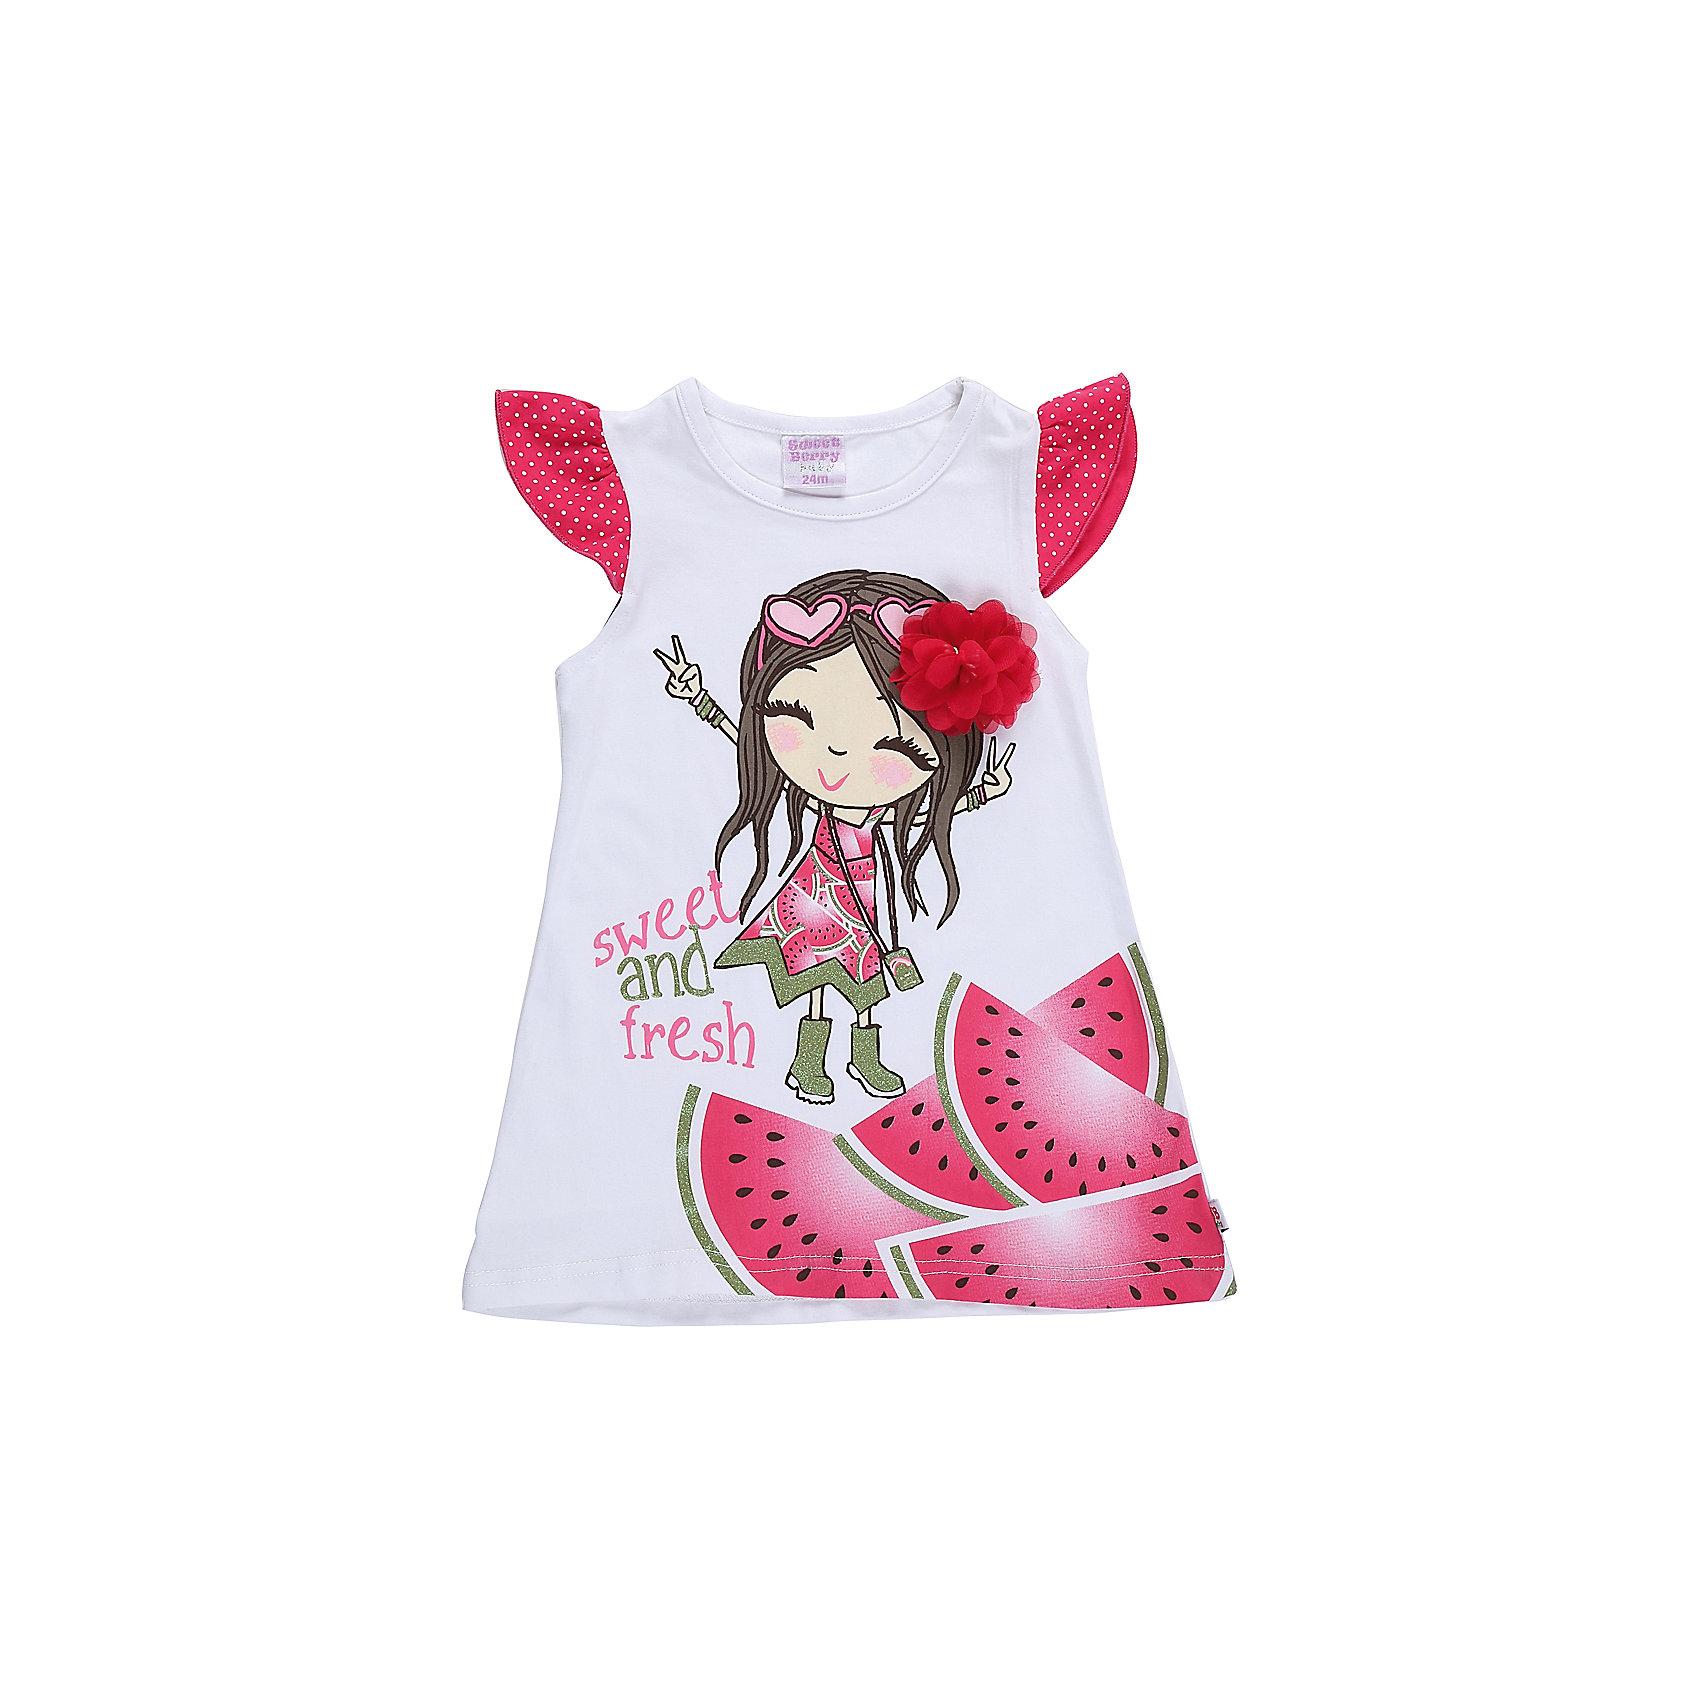 Платье для девочки Sweet BerryПлатья<br>Модное трикотажное платье для девочки с ярким принтом. Рукава крылышки. Свободный крой.<br>Состав:<br>95%хлопок 5%эластан<br><br>Ширина мм: 236<br>Глубина мм: 16<br>Высота мм: 184<br>Вес г: 177<br>Цвет: белый<br>Возраст от месяцев: 12<br>Возраст до месяцев: 18<br>Пол: Женский<br>Возраст: Детский<br>Размер: 86,80,98,92<br>SKU: 5411382